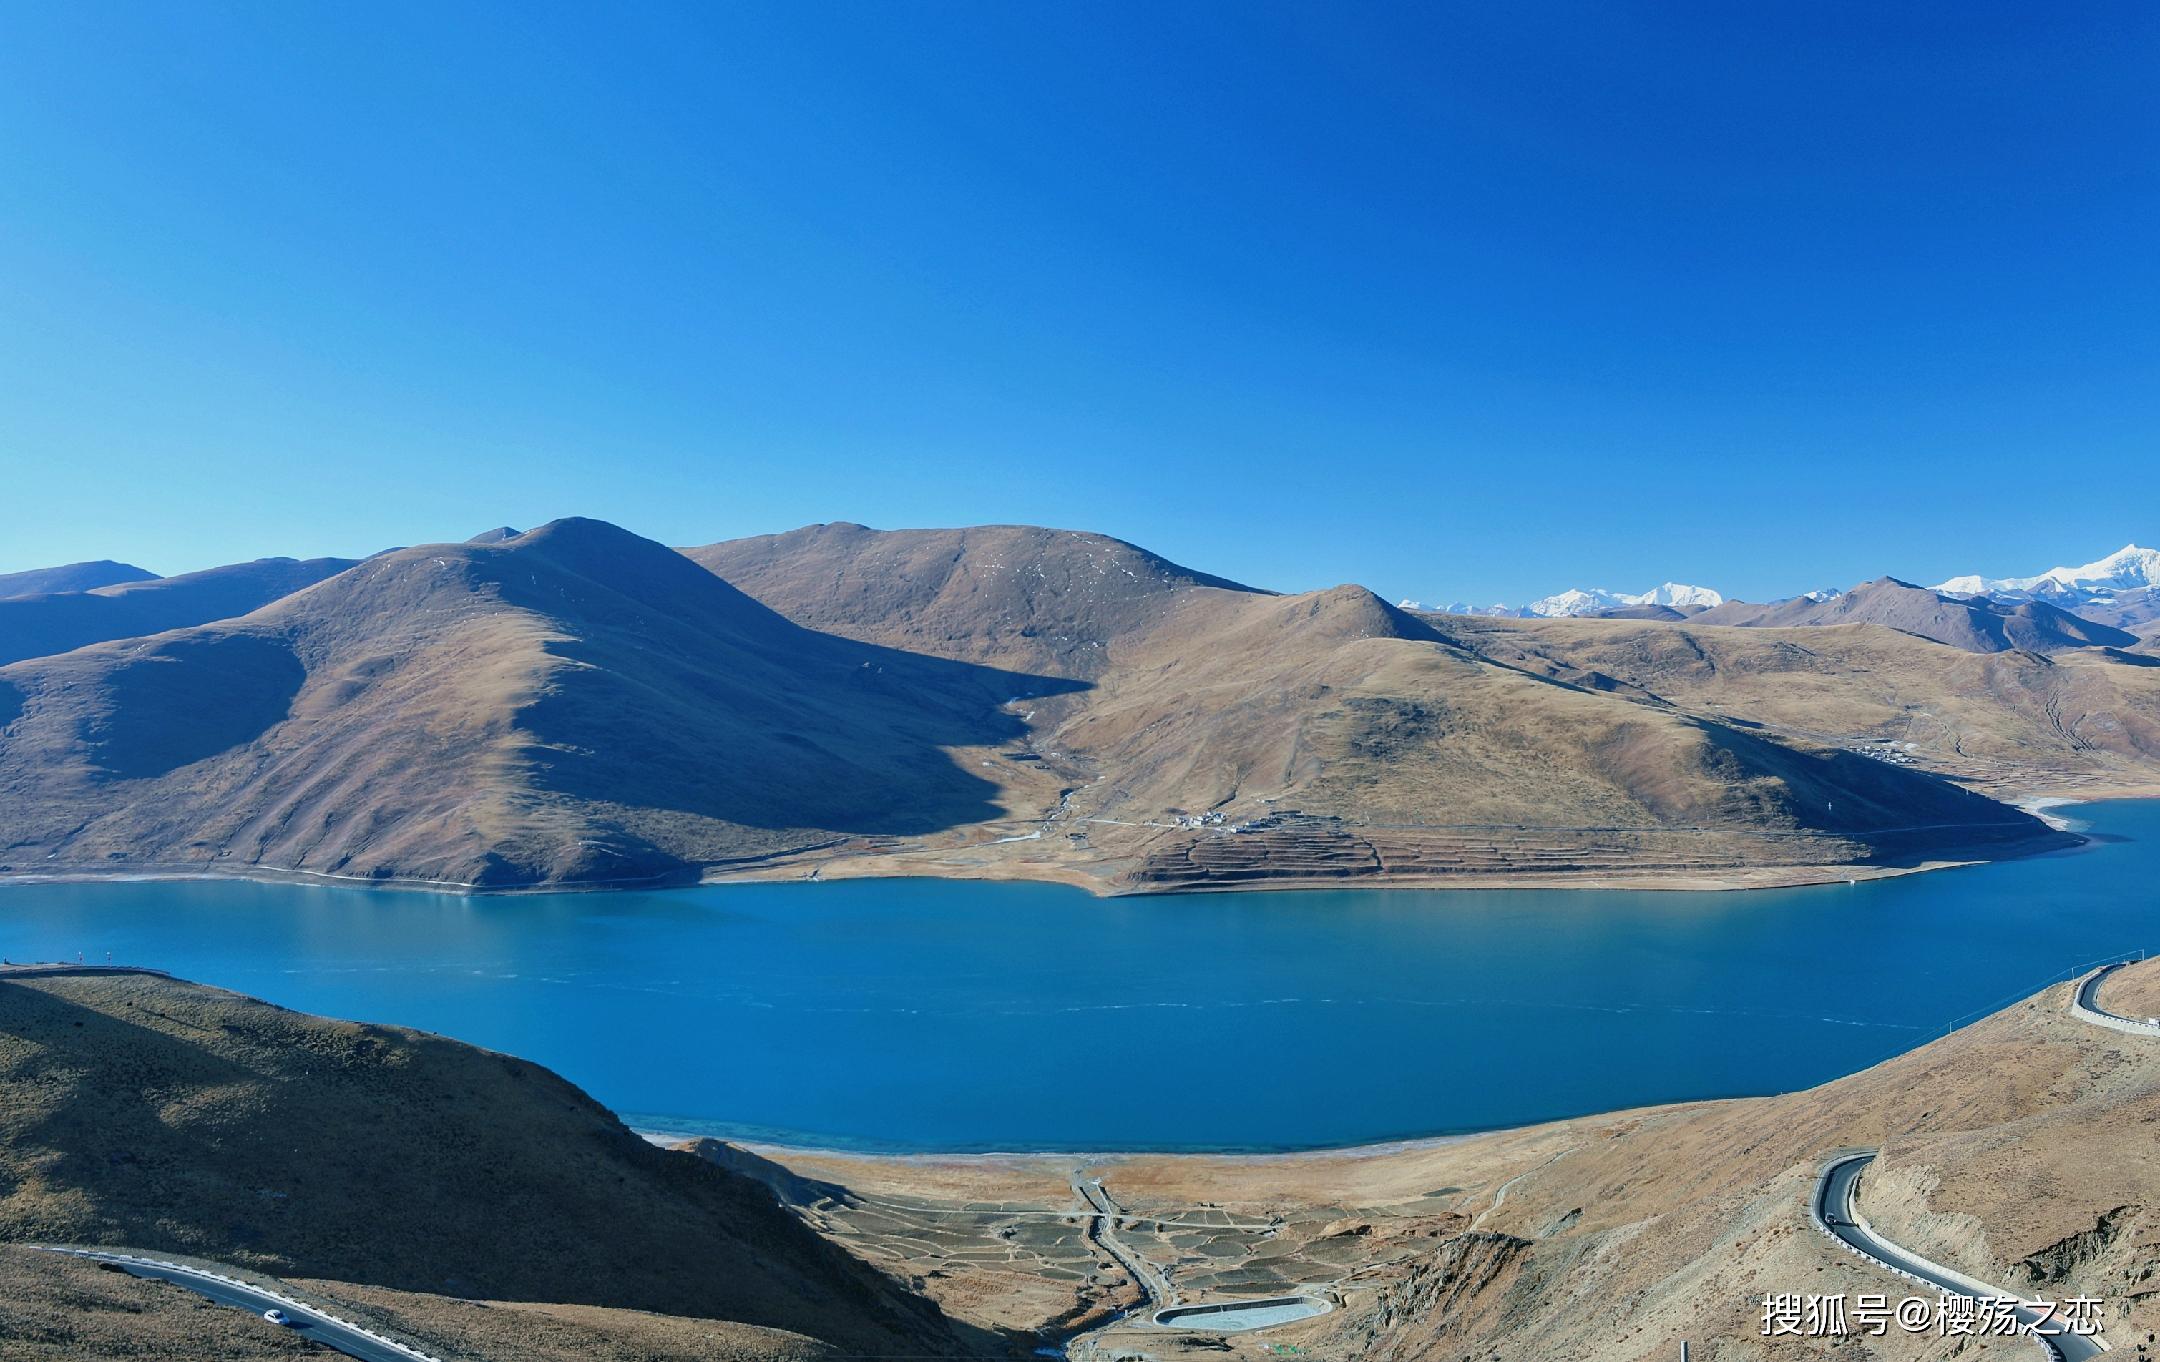 中国海拔最高的省区,风景如诗如画,被很多人视为圣地